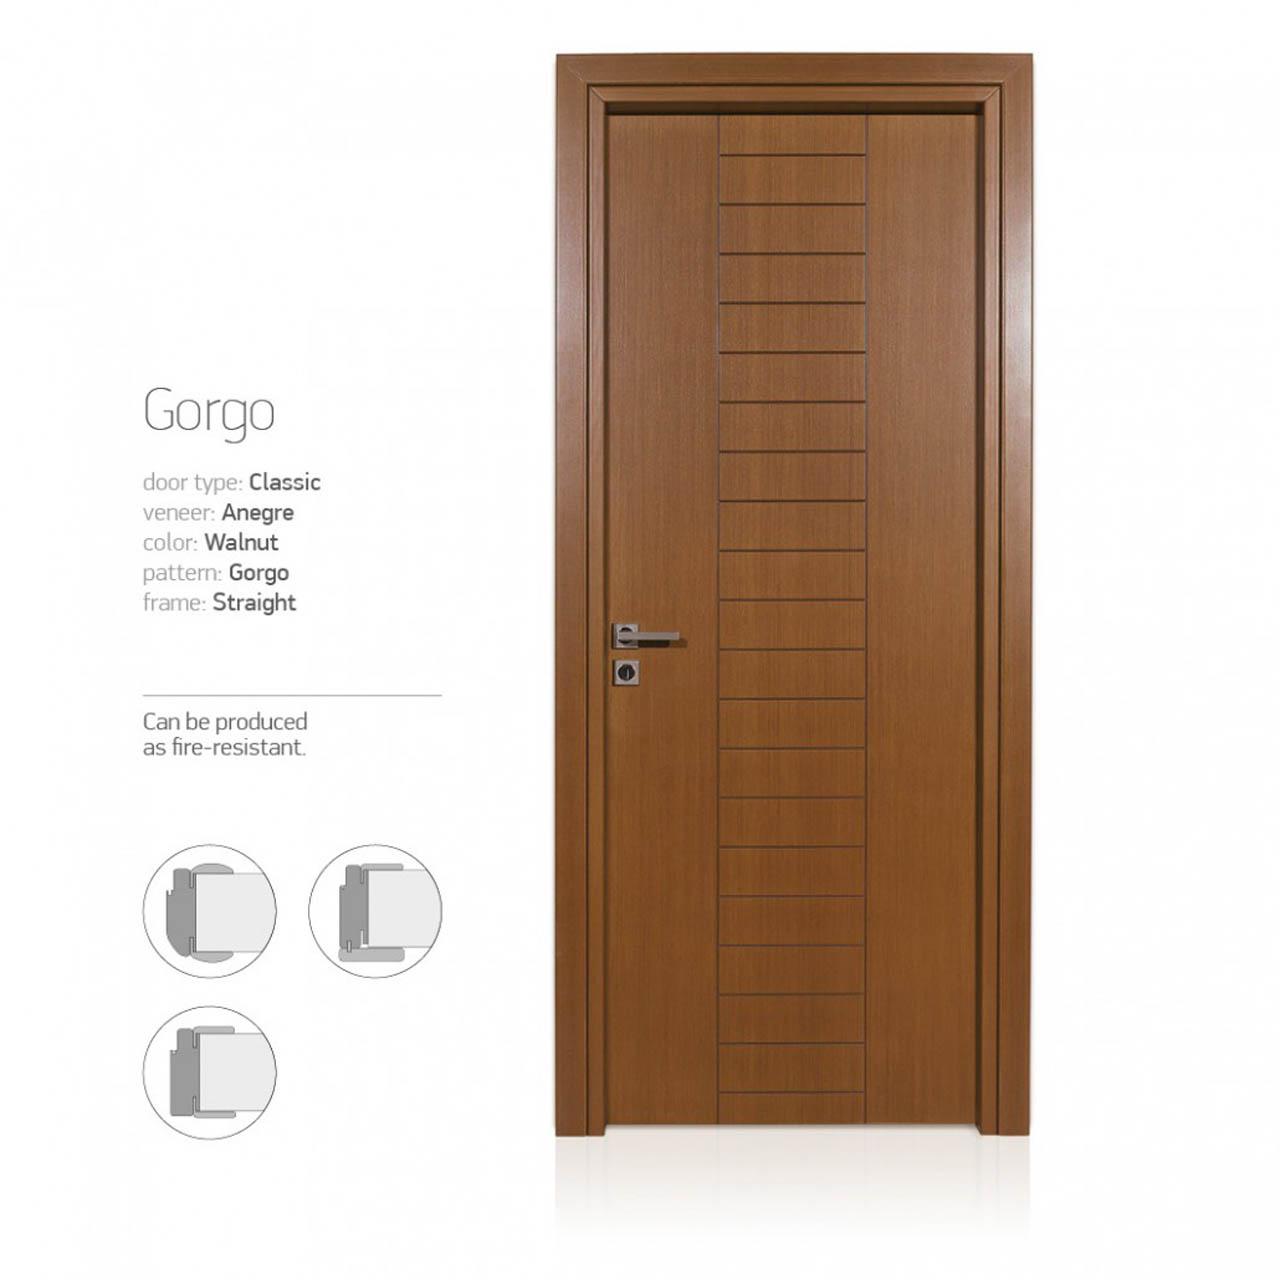 portes-site-classic-eng4-1030x1030